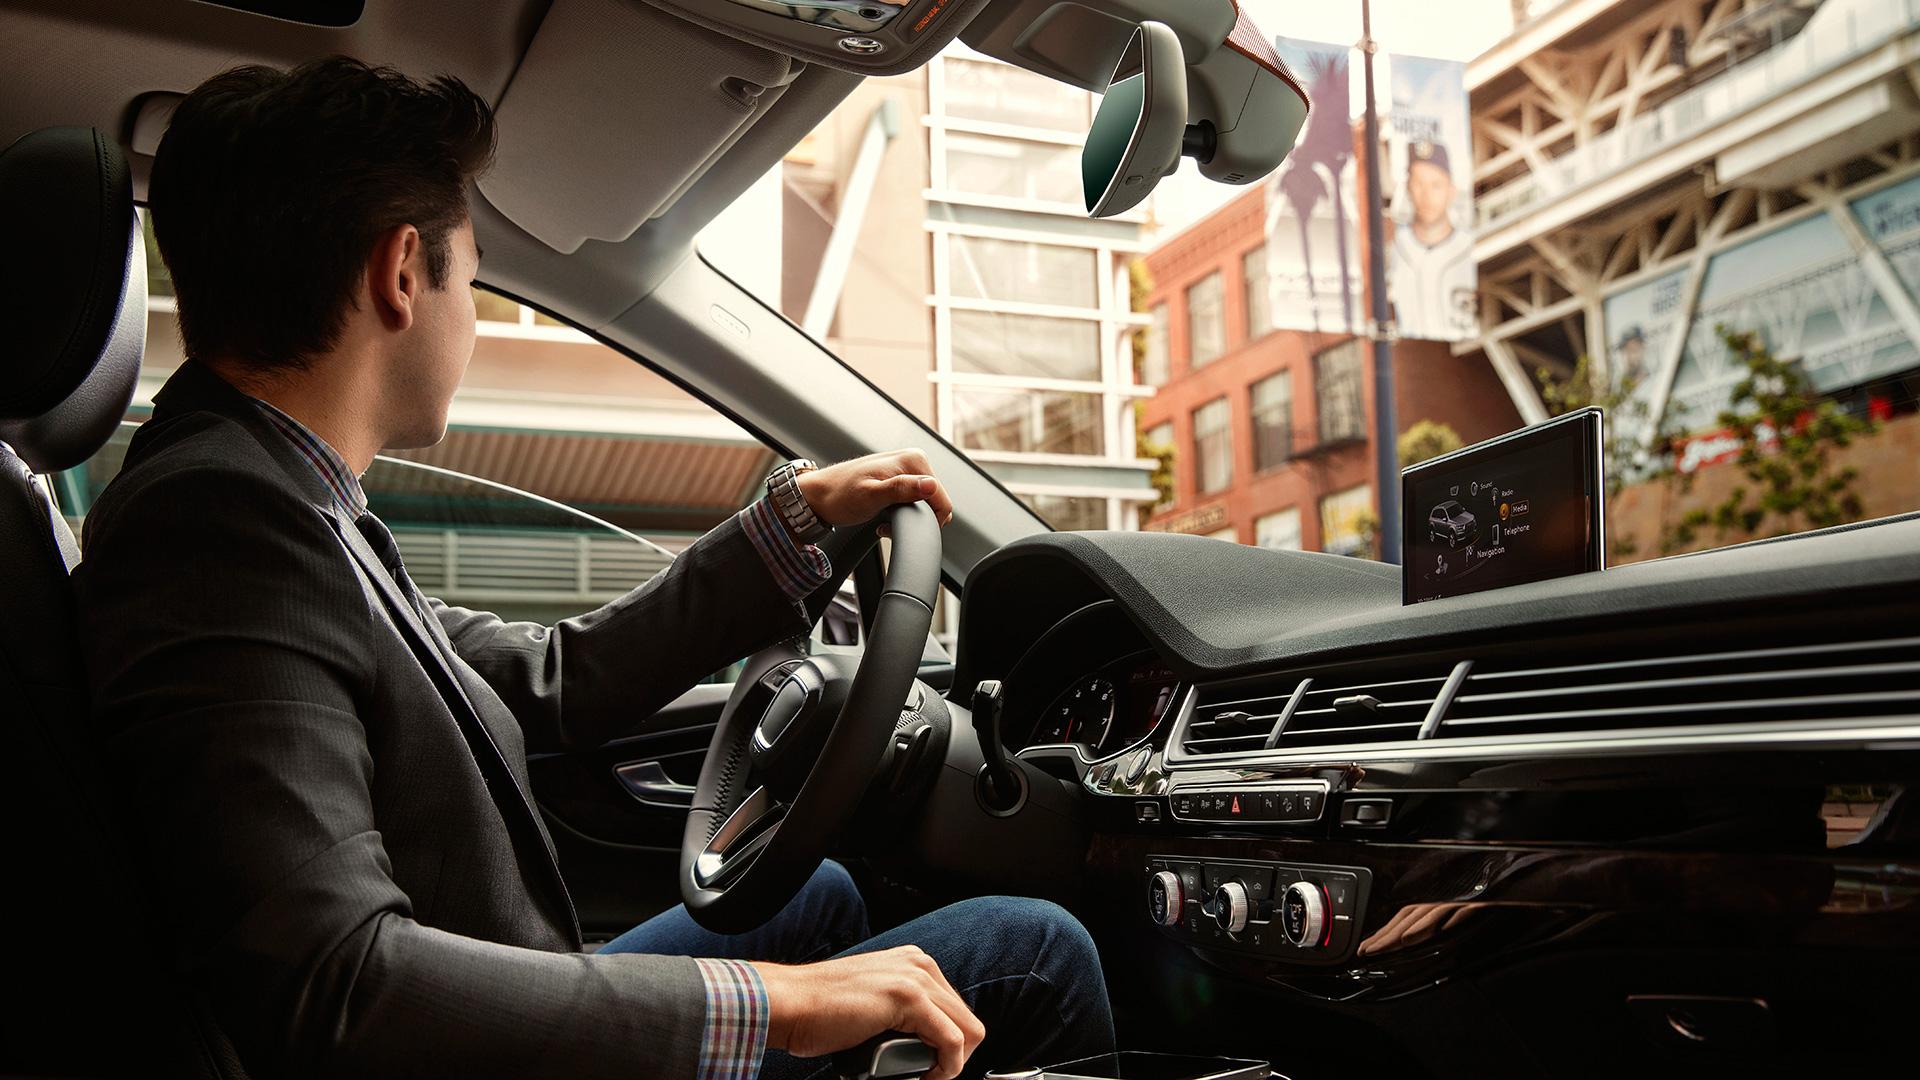 La guida autonoma di Qualcomm: Snapdragon Ride, livello 2 e oltre thumbnail